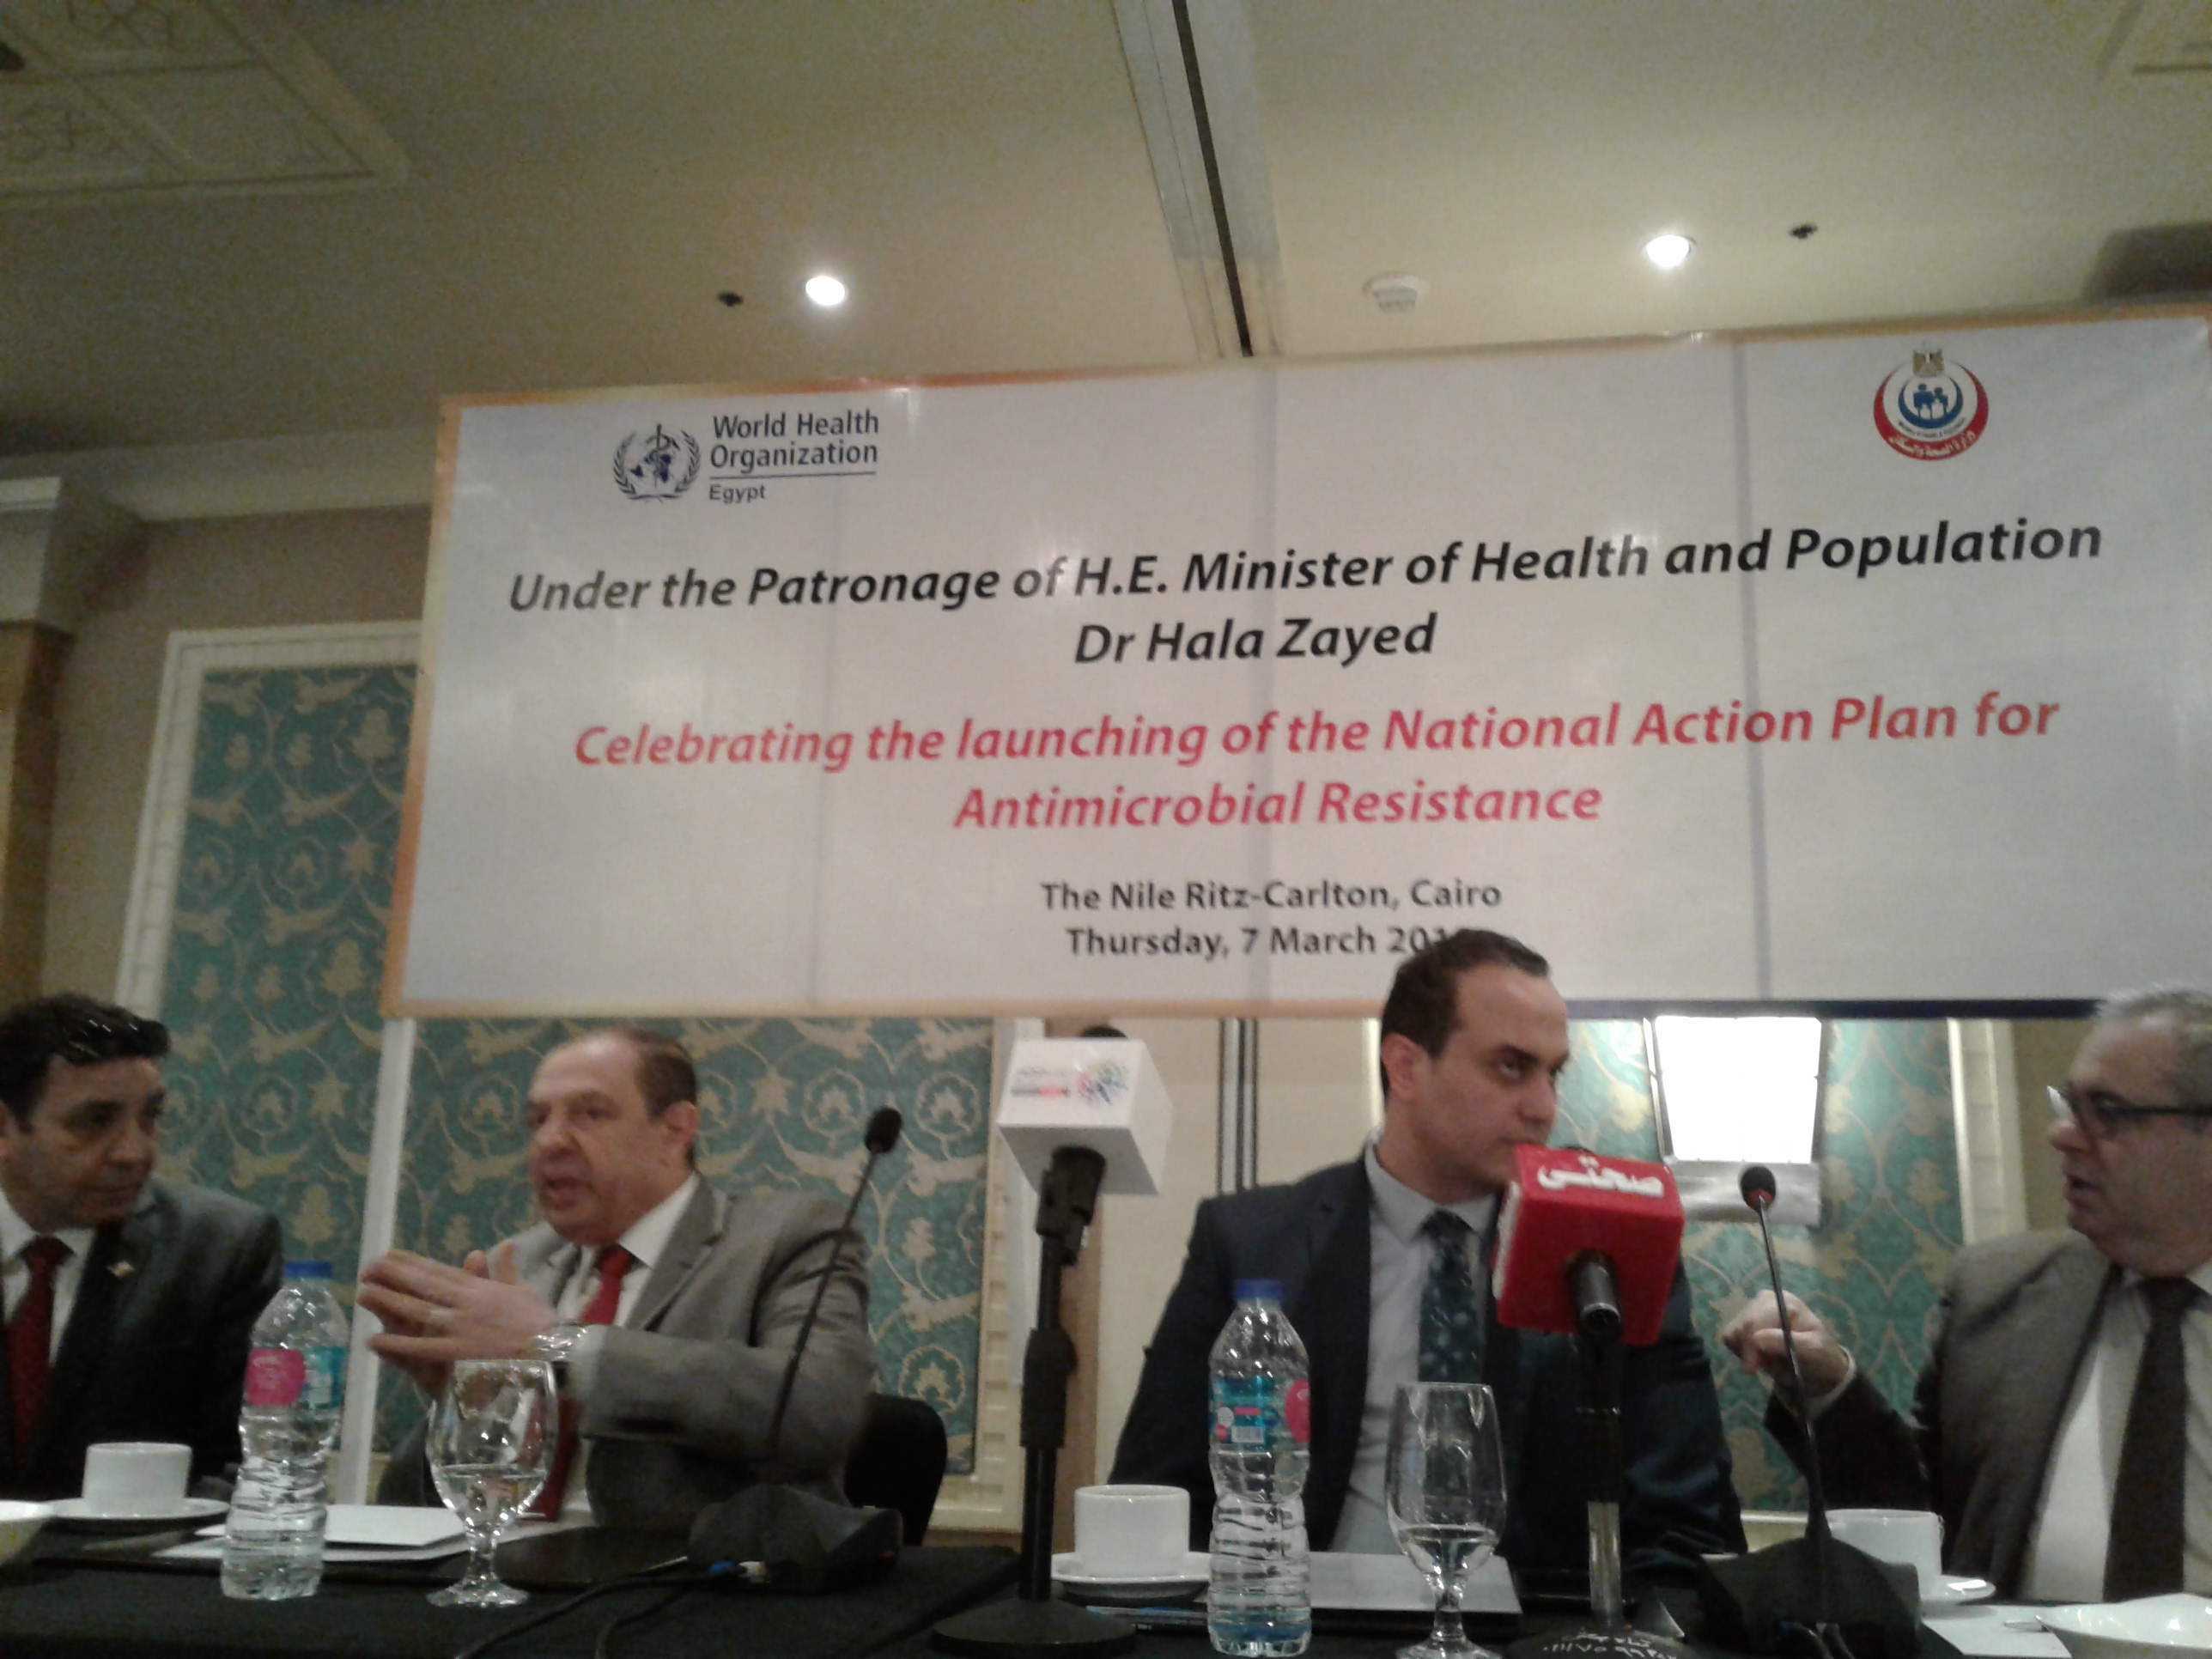 جانب من احتفالية إطلاق الخطة القومية لمكافحة الميكروبات المقاومة للمضادات الحيوية (6)